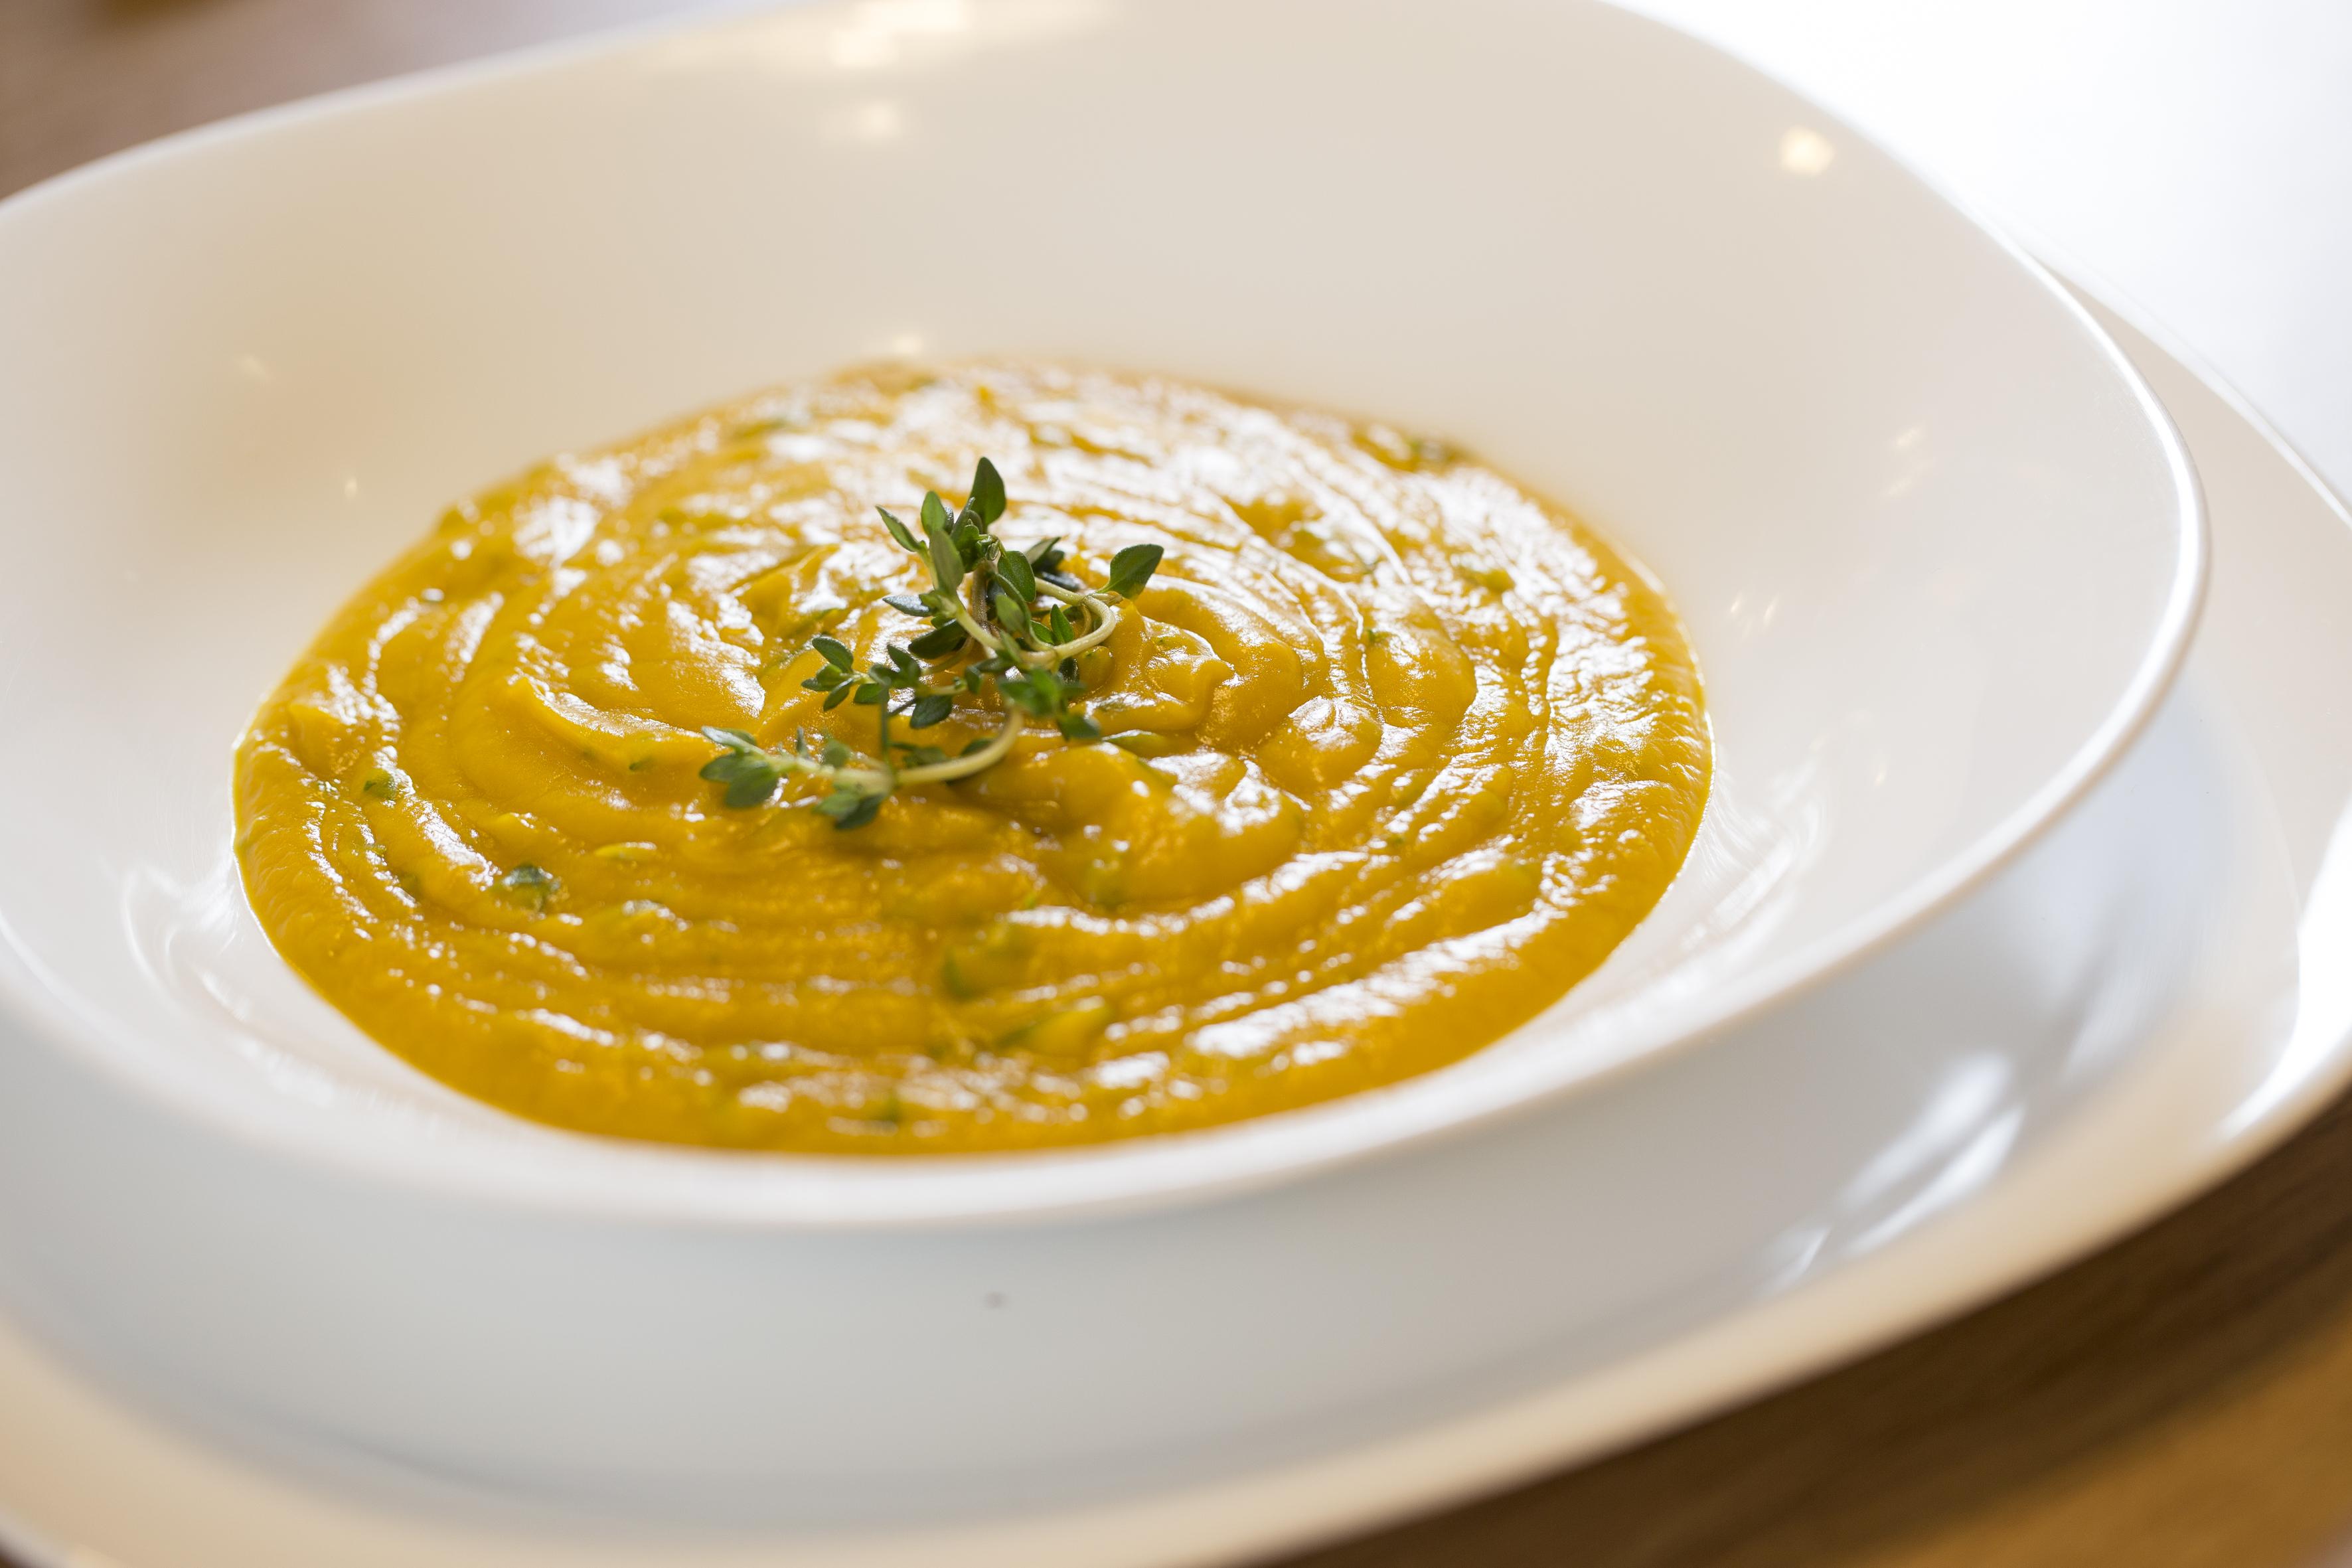 Nossa sopa de abóbora ajuda a perder peso